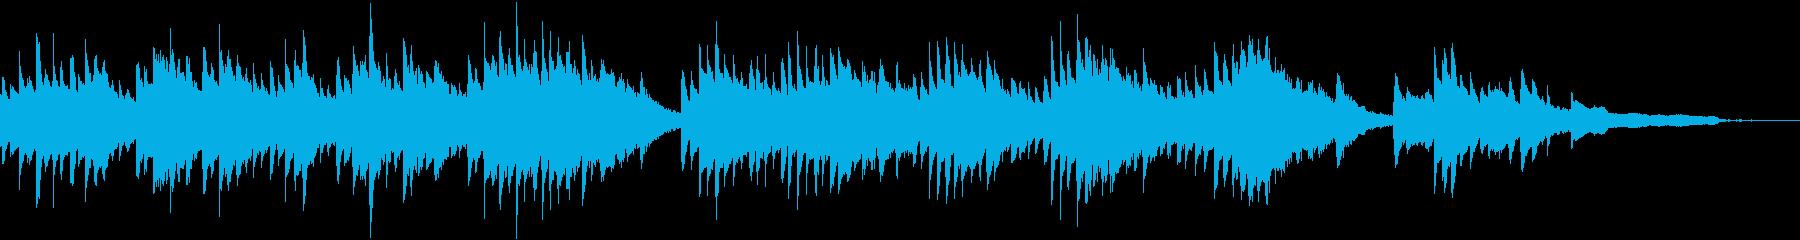 ピアノイントロジングルの再生済みの波形